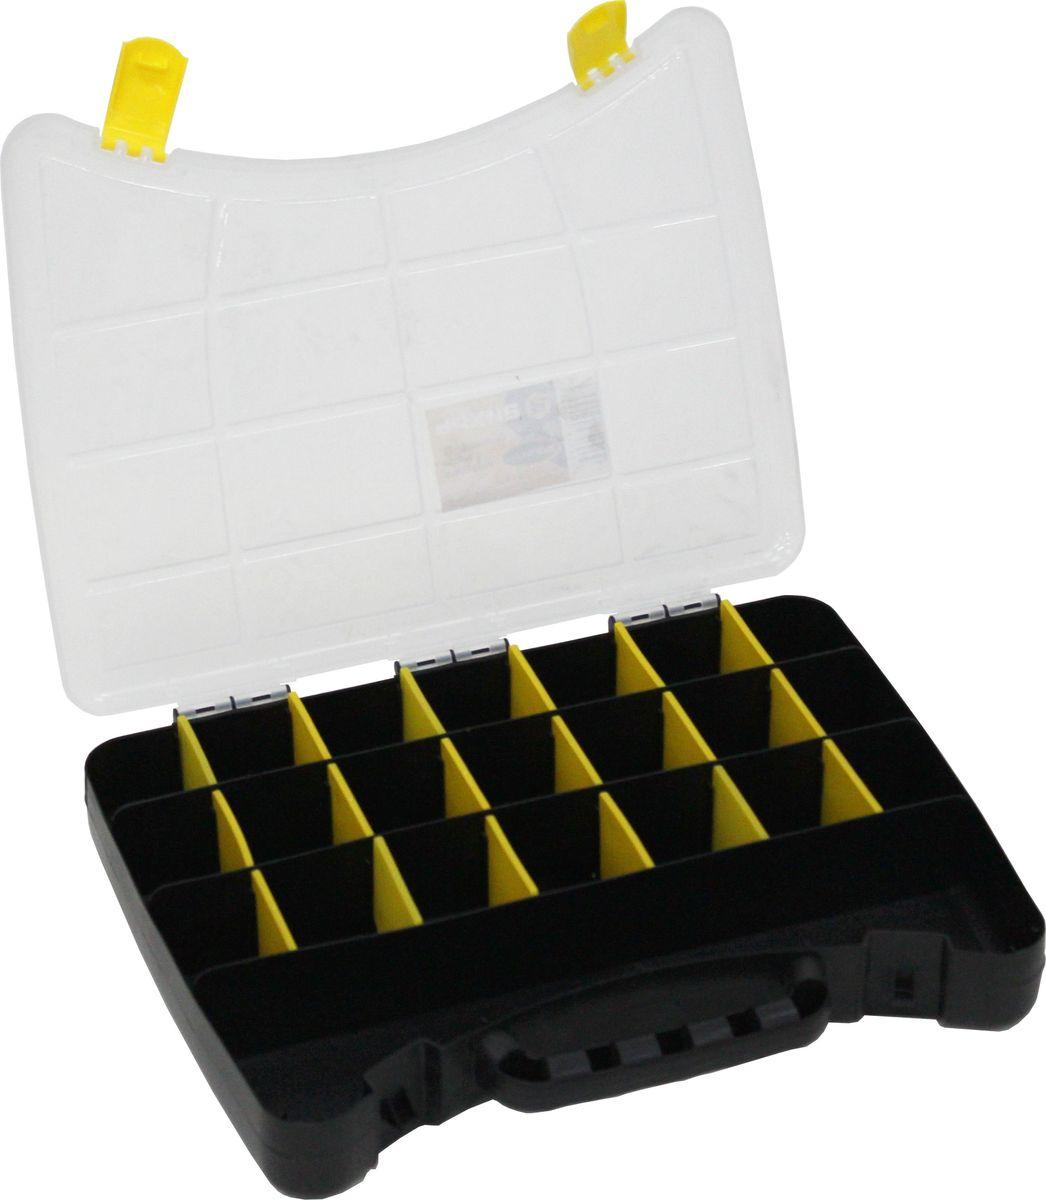 Органайзер Вихрь, 30 х 22,5 х 4,5 см73/5/2/2Органайзер Вихрь имеет: - Удобные накладные замки; - Переставные перегородки, которые позволяют изменять пространство; - До 22 отделений для крепежа и мелких предметов;Изготовлен из пластика.Размер: 30 х22,5 х 4,5 см.